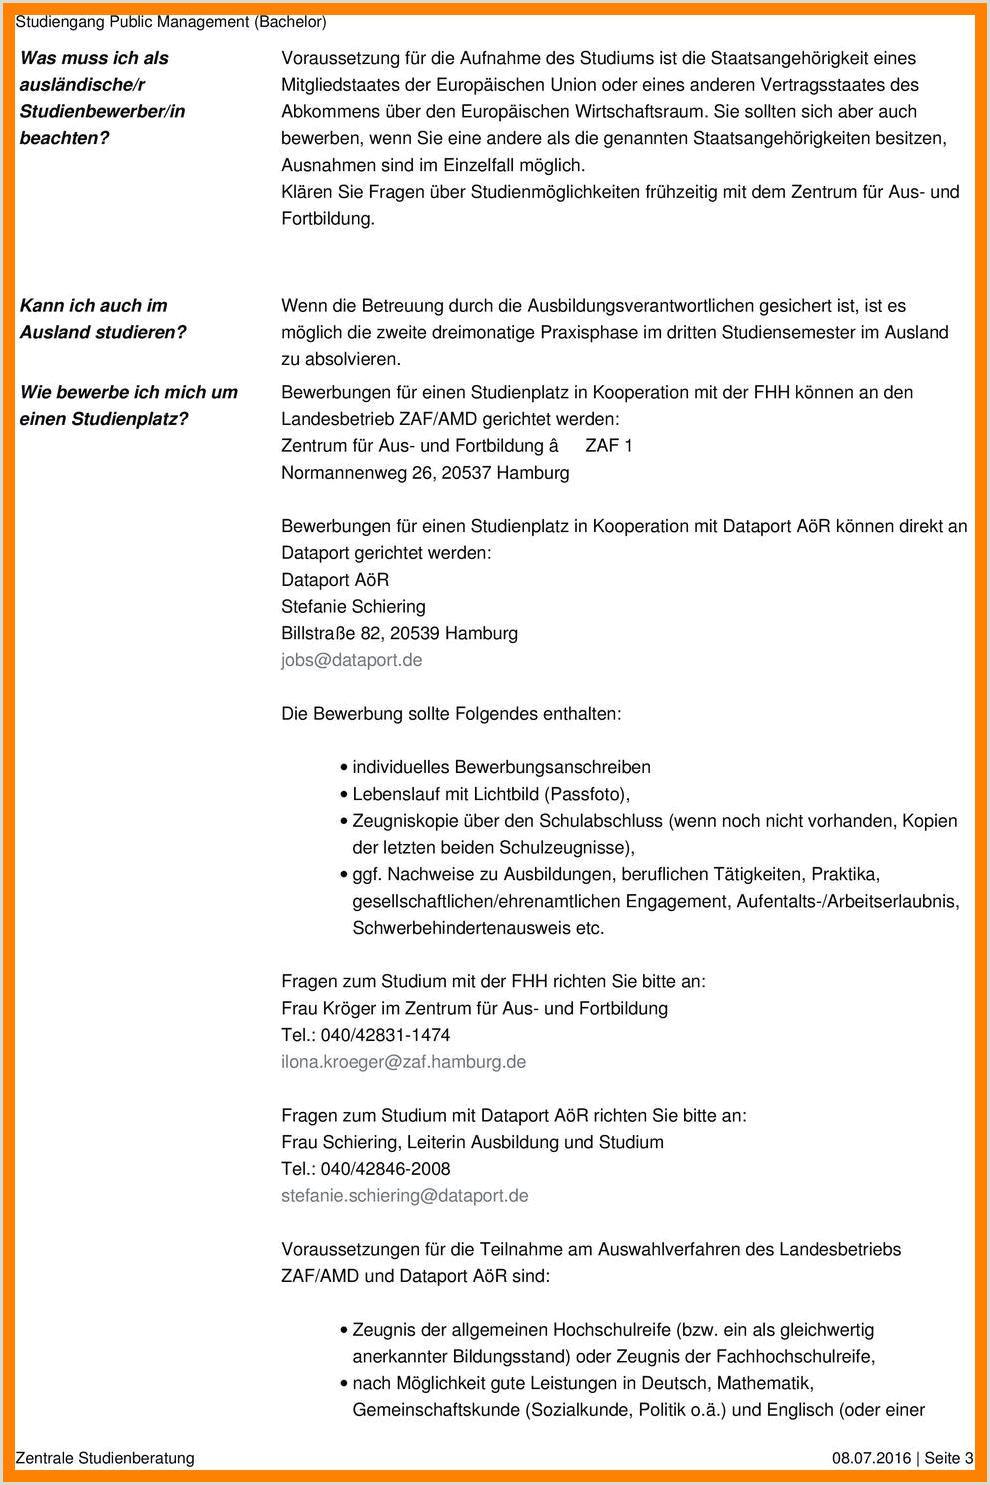 Lebenslauf Muster Bundesagentur Für Arbeit Tea Health Benefits 8 2 Vorstellungsgesprach